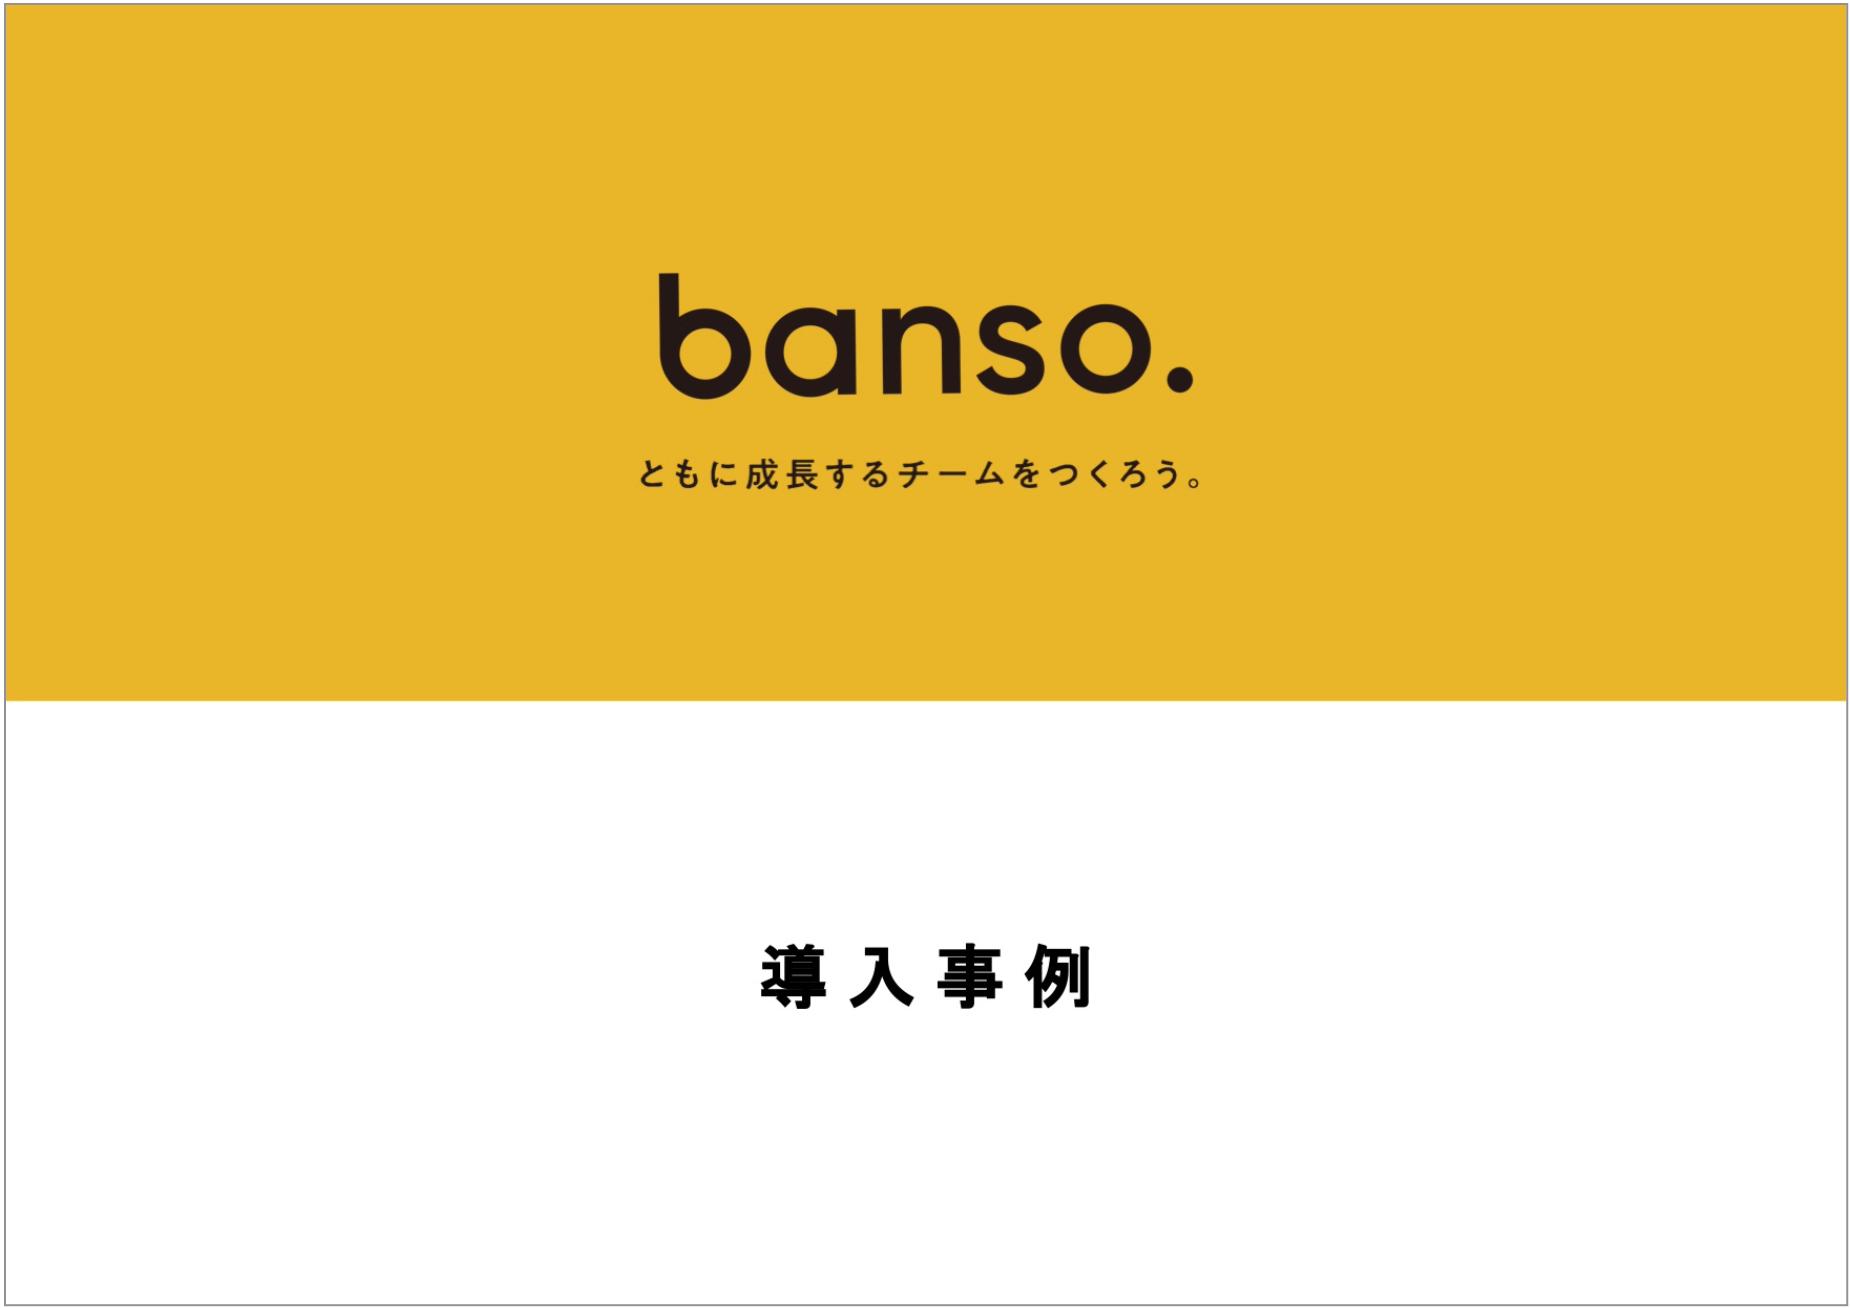 banso.導入事例集